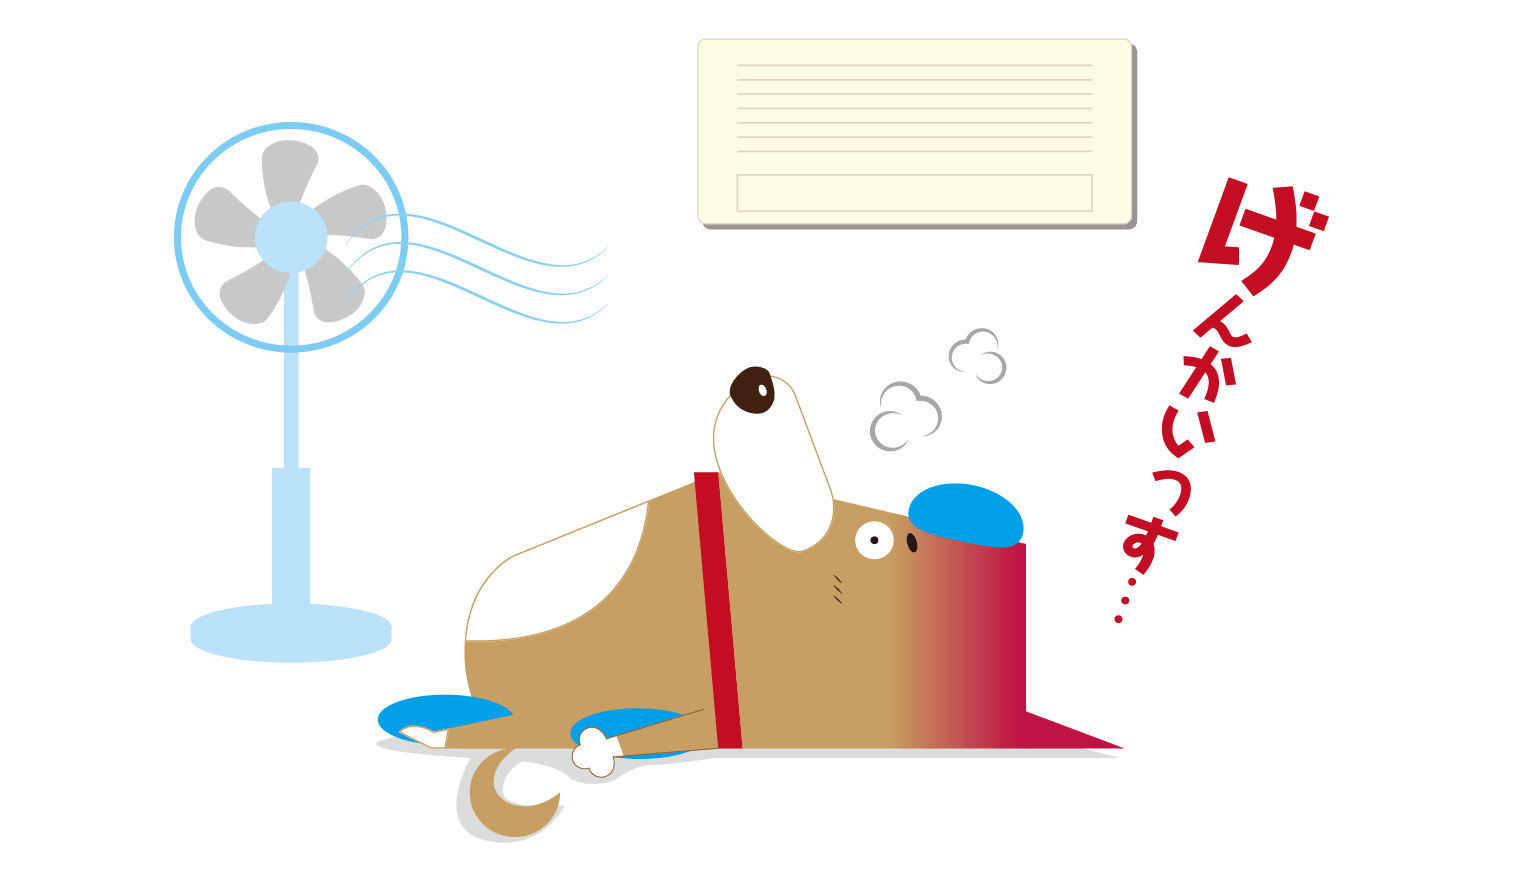 暑い夏に犬を留守番させるときは熱中症に注意!エアコンを使って熱中症を予防しましょう